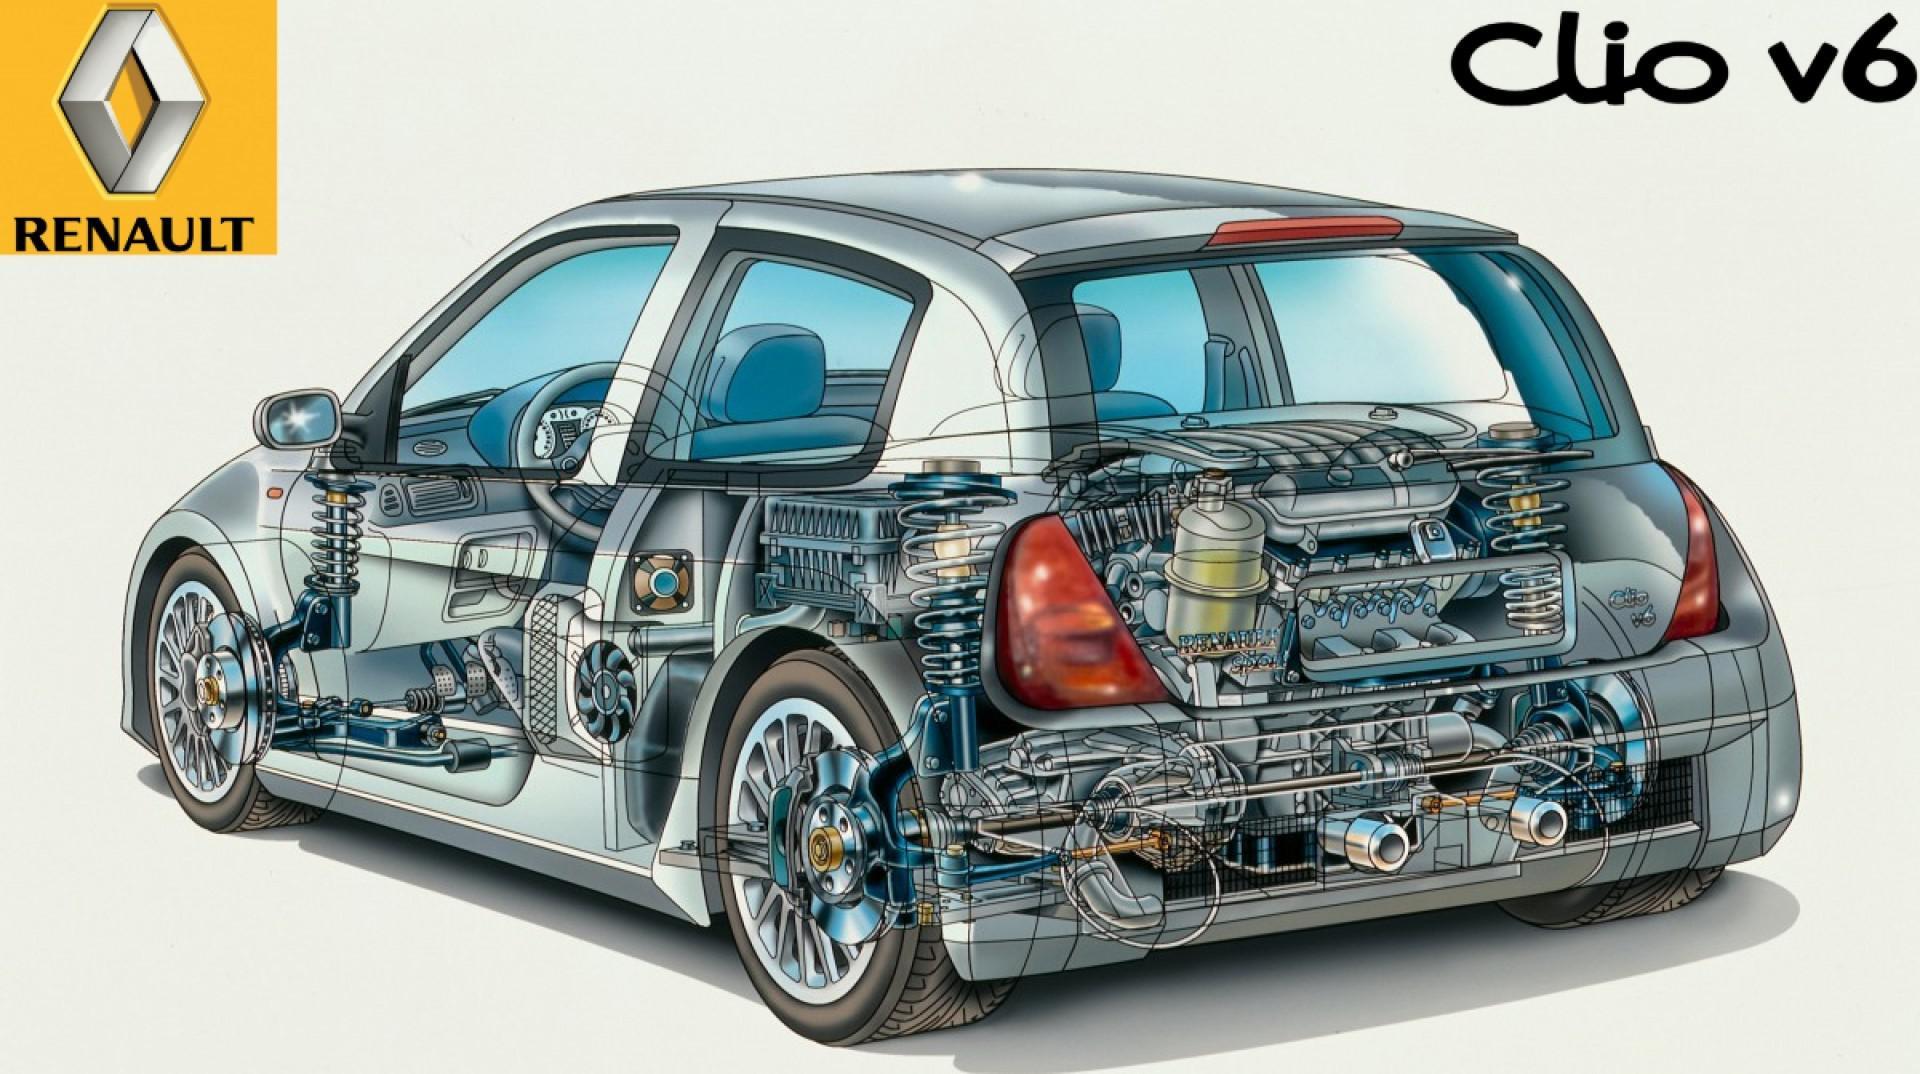 9 choses à savoir sur la Renault Clio Sport V6